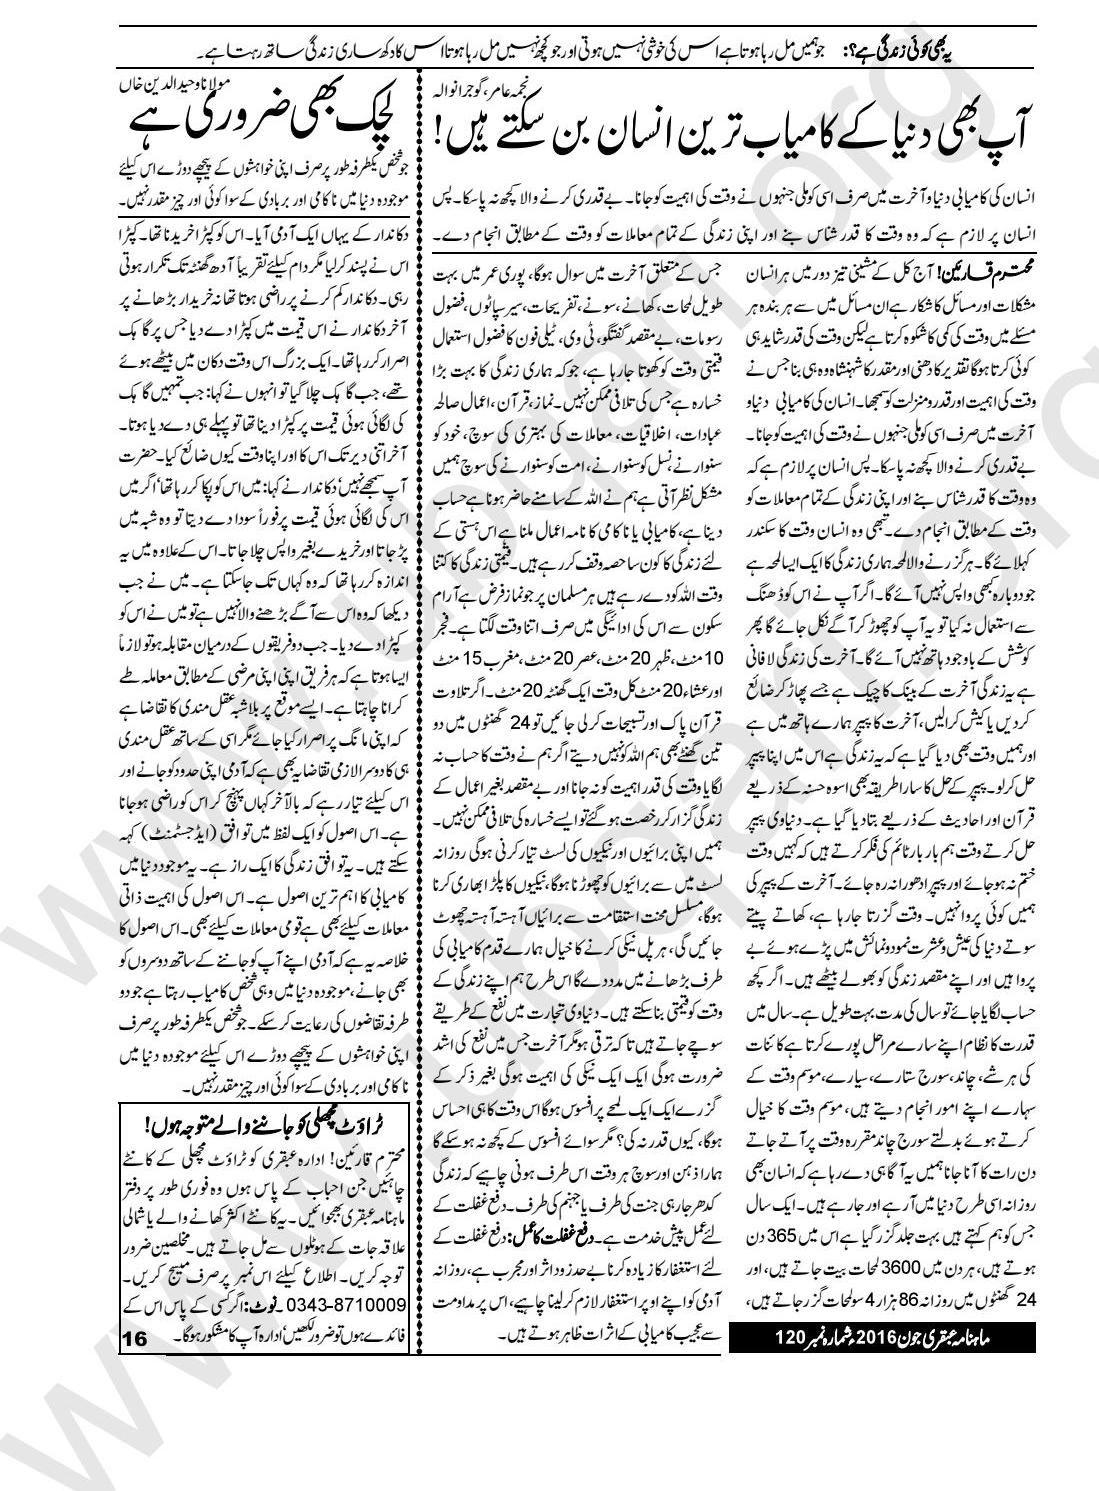 Ubqari magazine june2016 | faree | Magazine, Wisdom, The